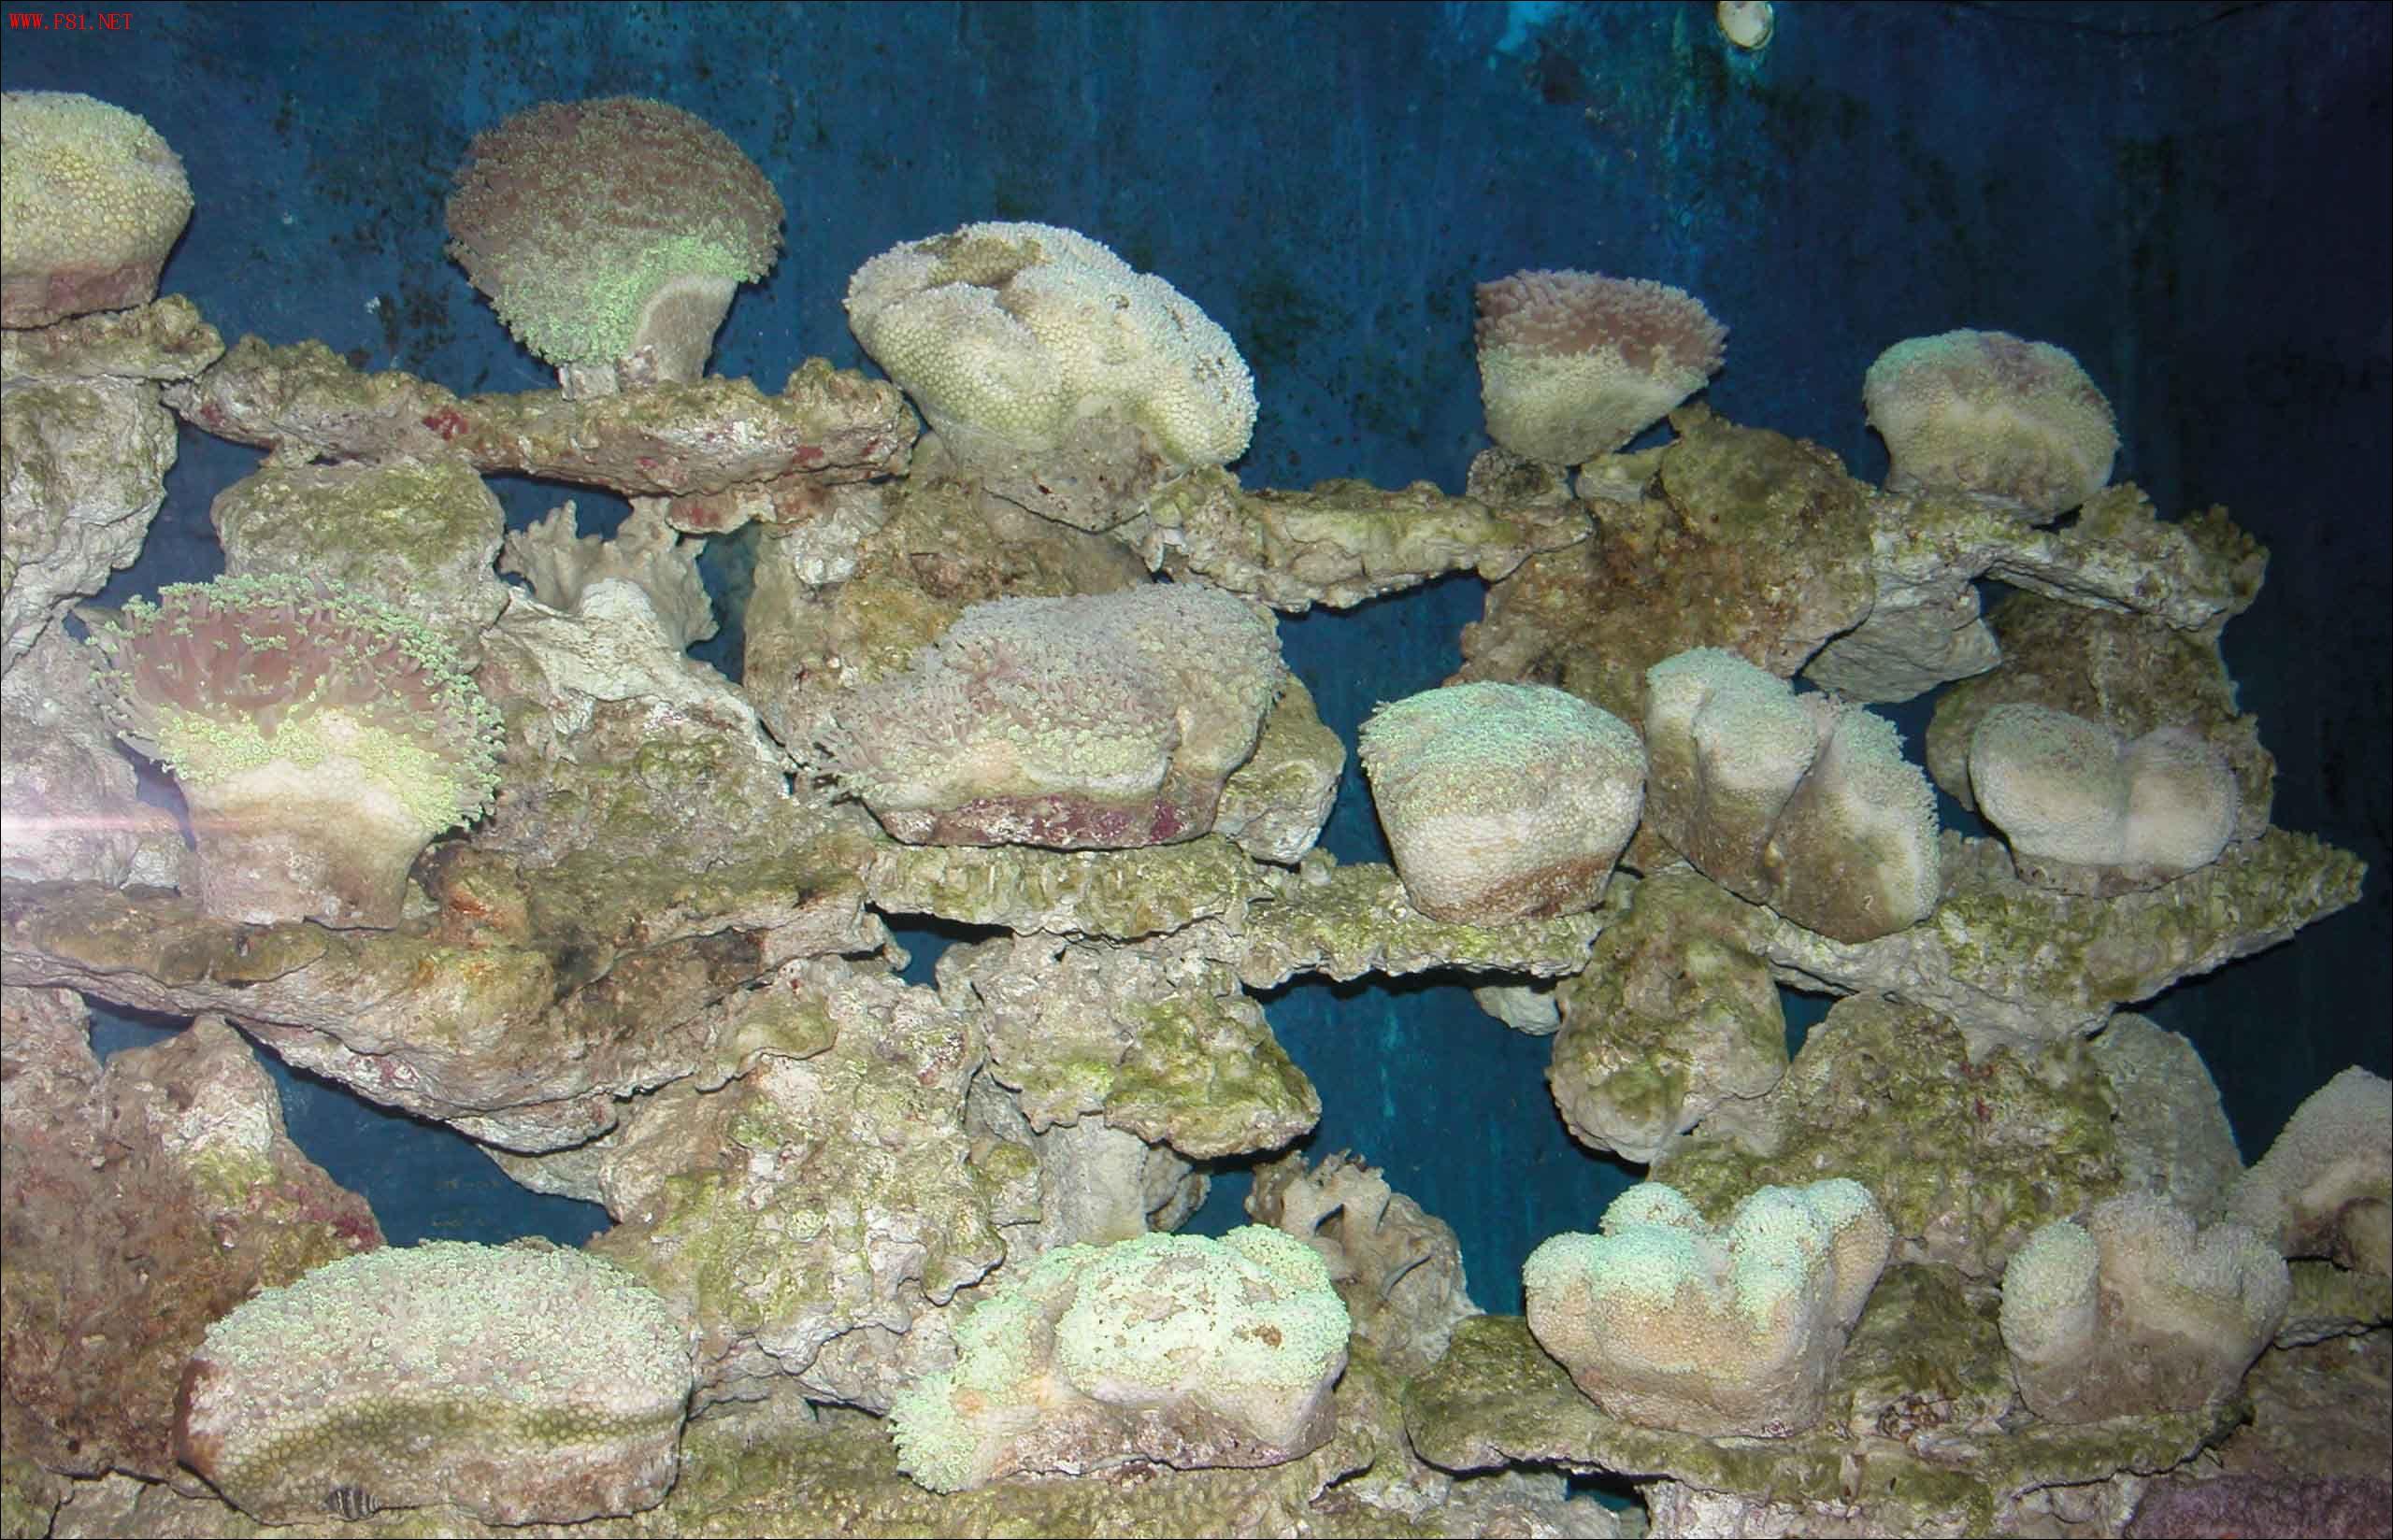 壁纸 海底 海底世界 海洋馆 水族馆 2560_1648